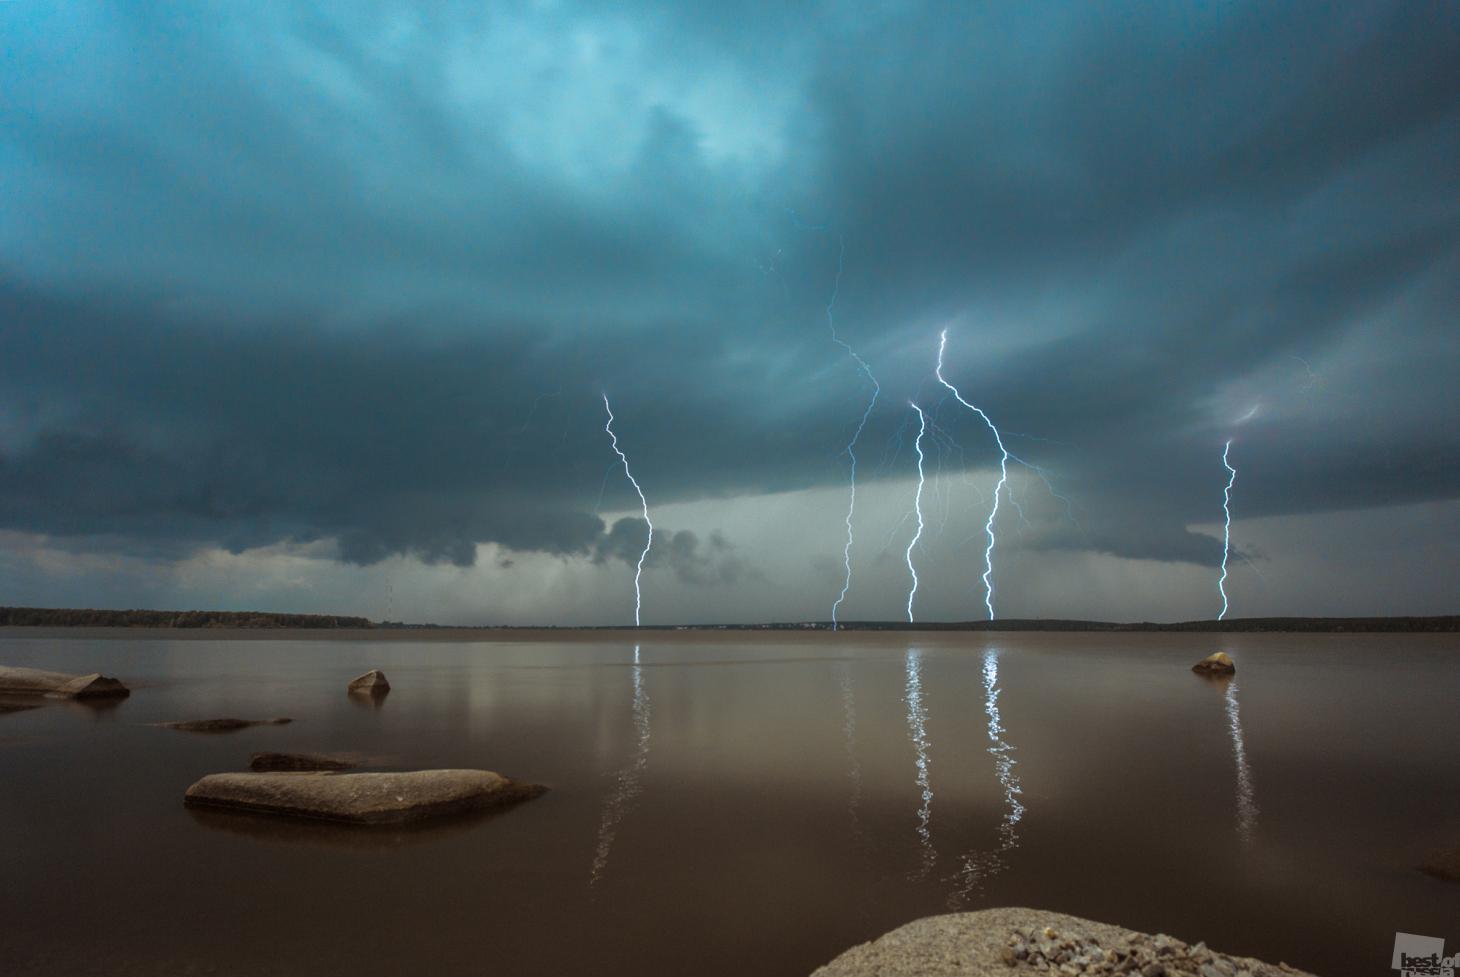 3/15. Munje iznad jezera u okolini Ekaterinburga (Ural).